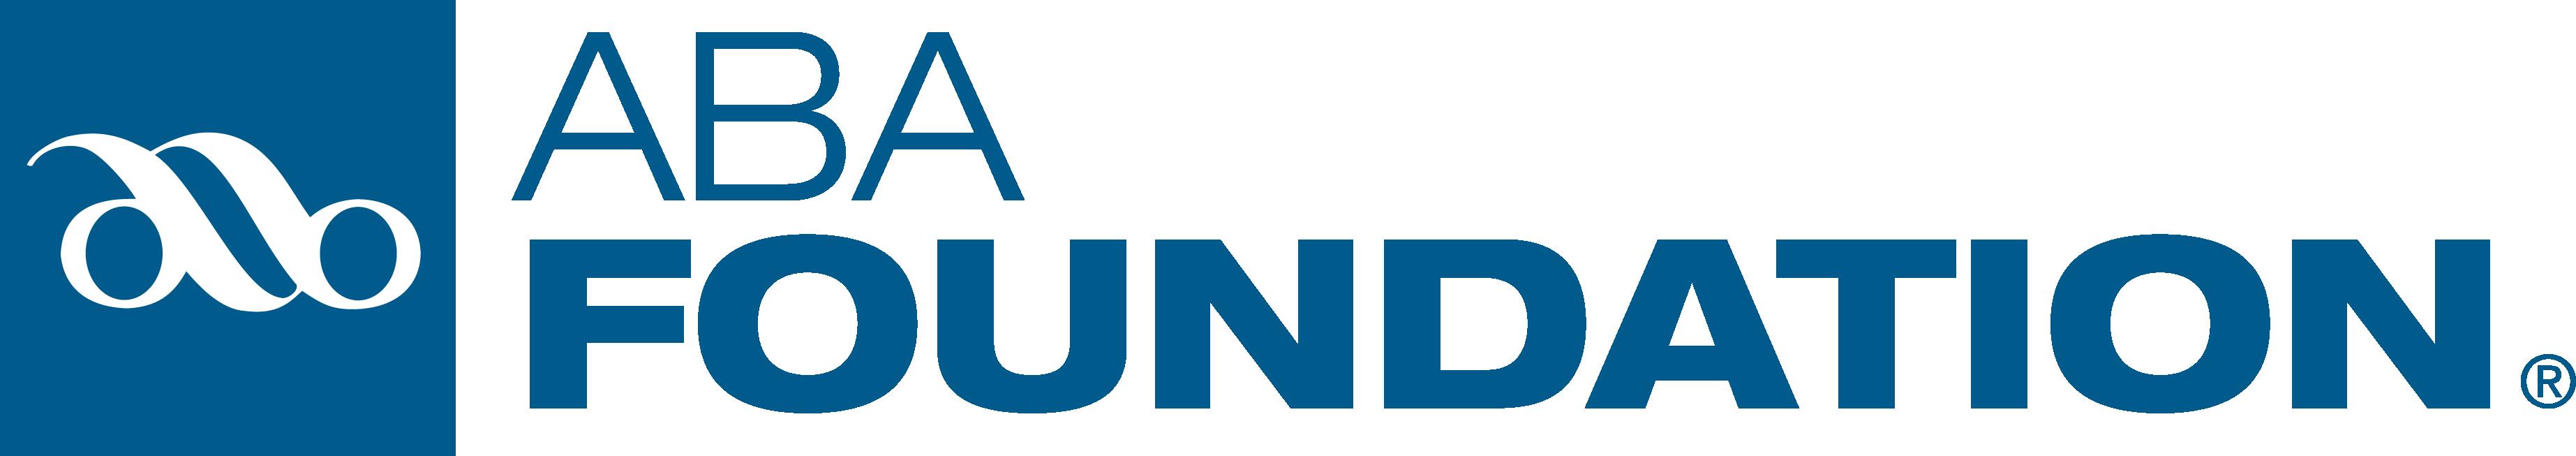 ABA Foundation